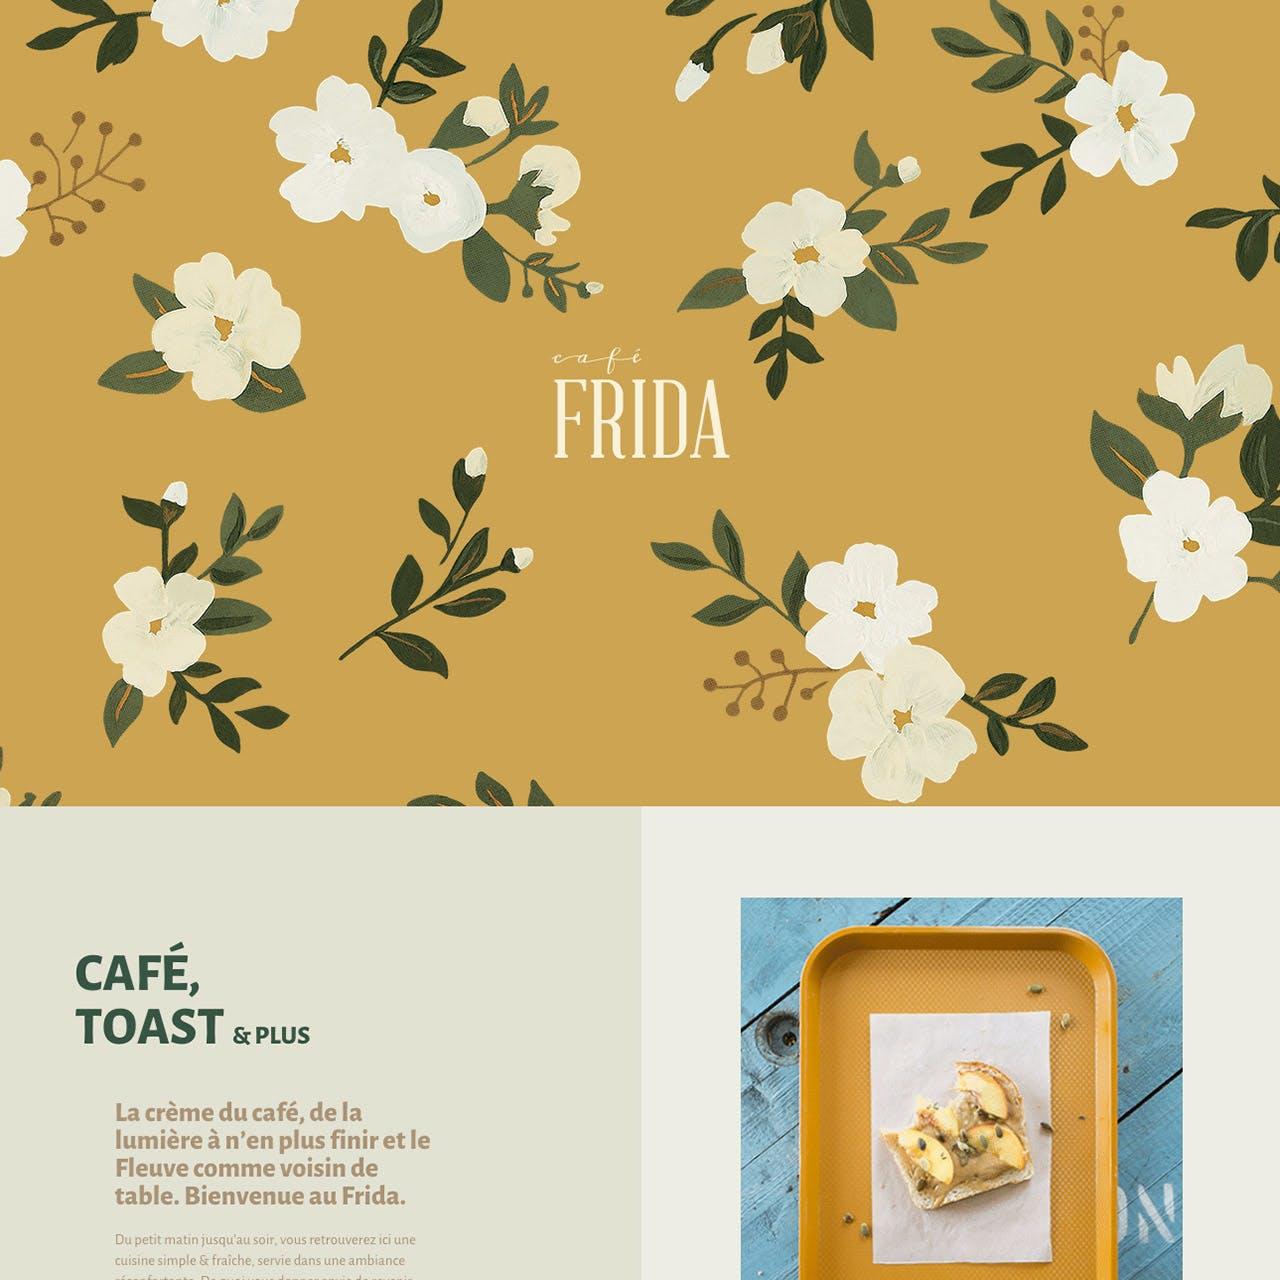 Café Frida Website Screenshot